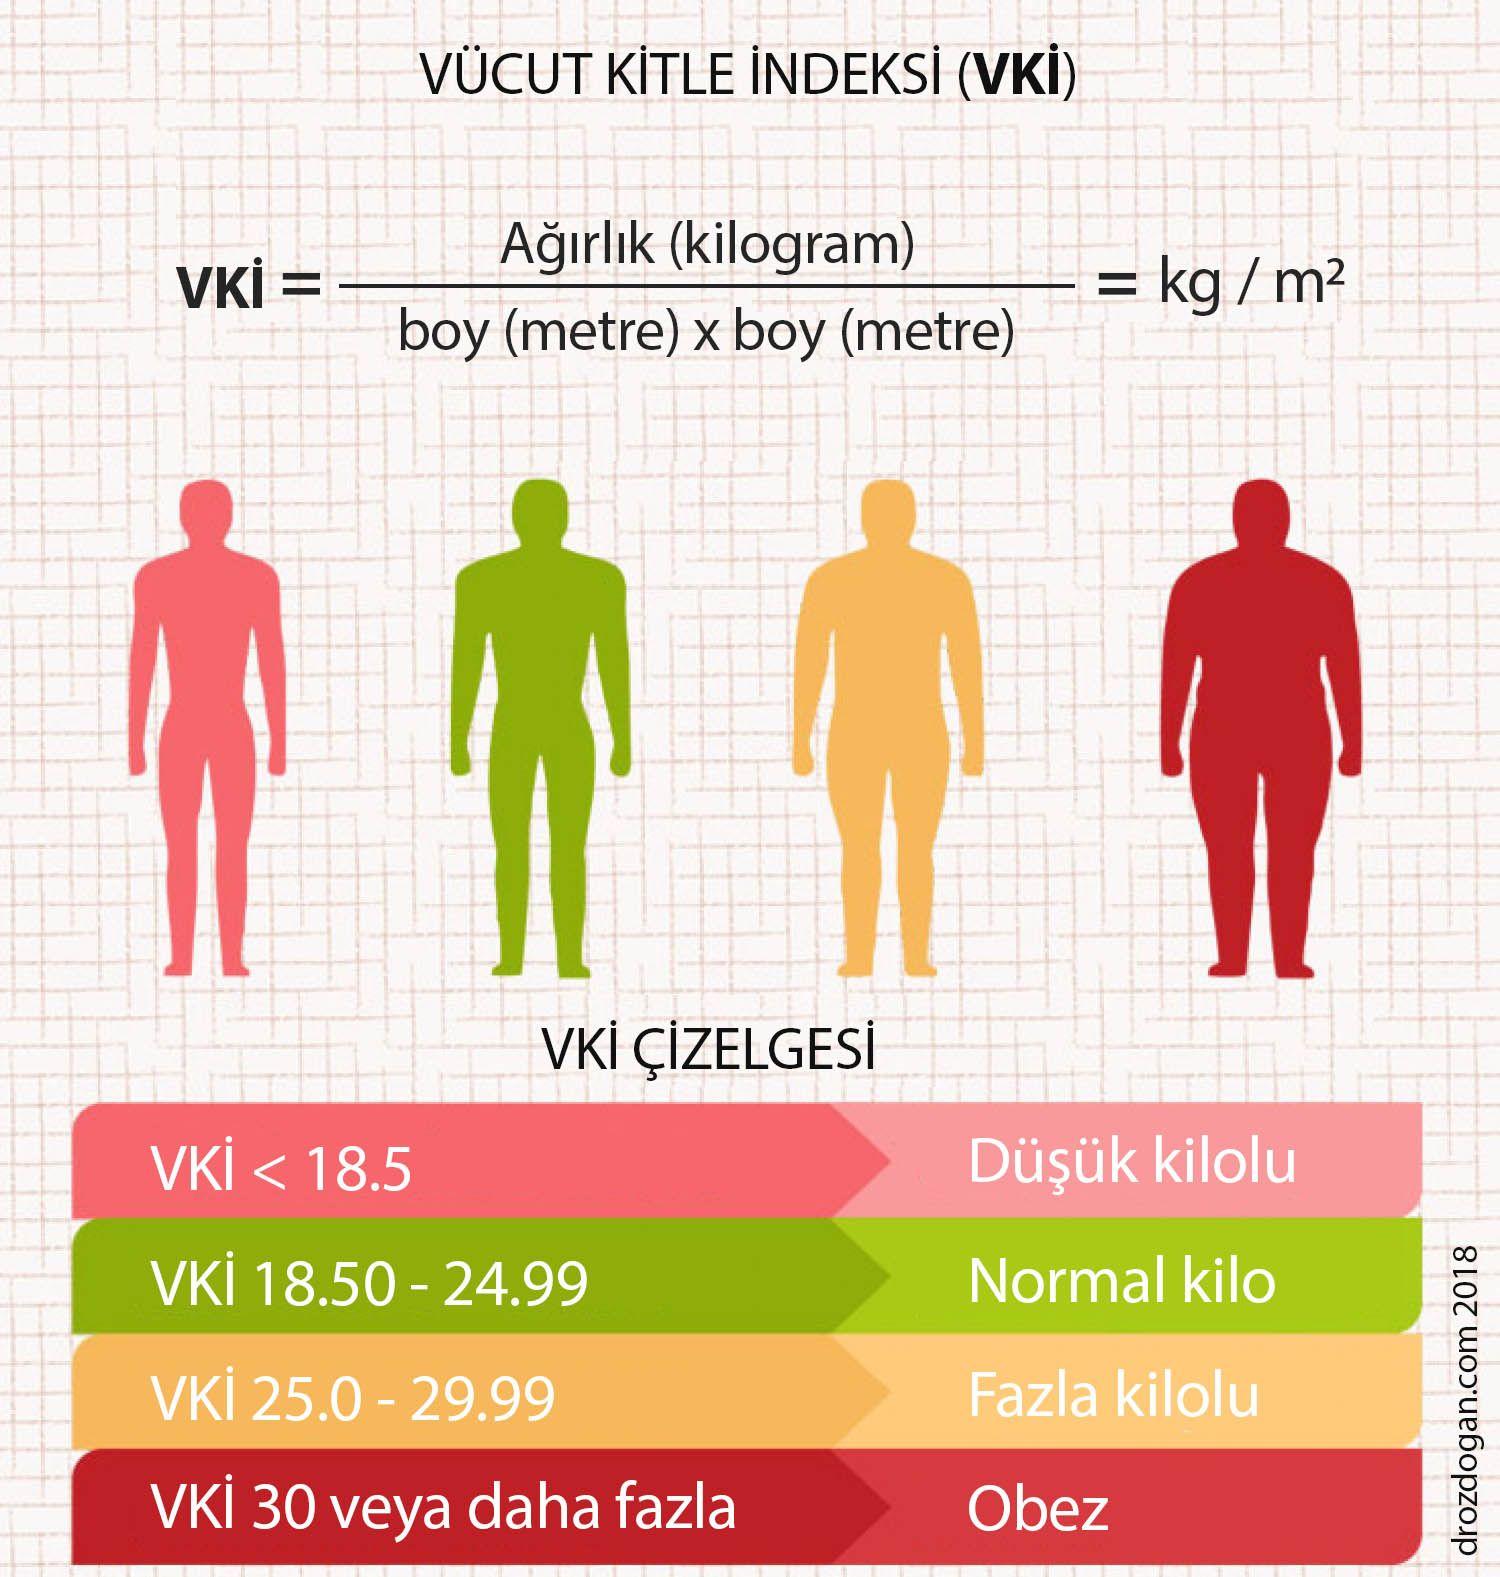 beden vücut kitle indeksi bki vki